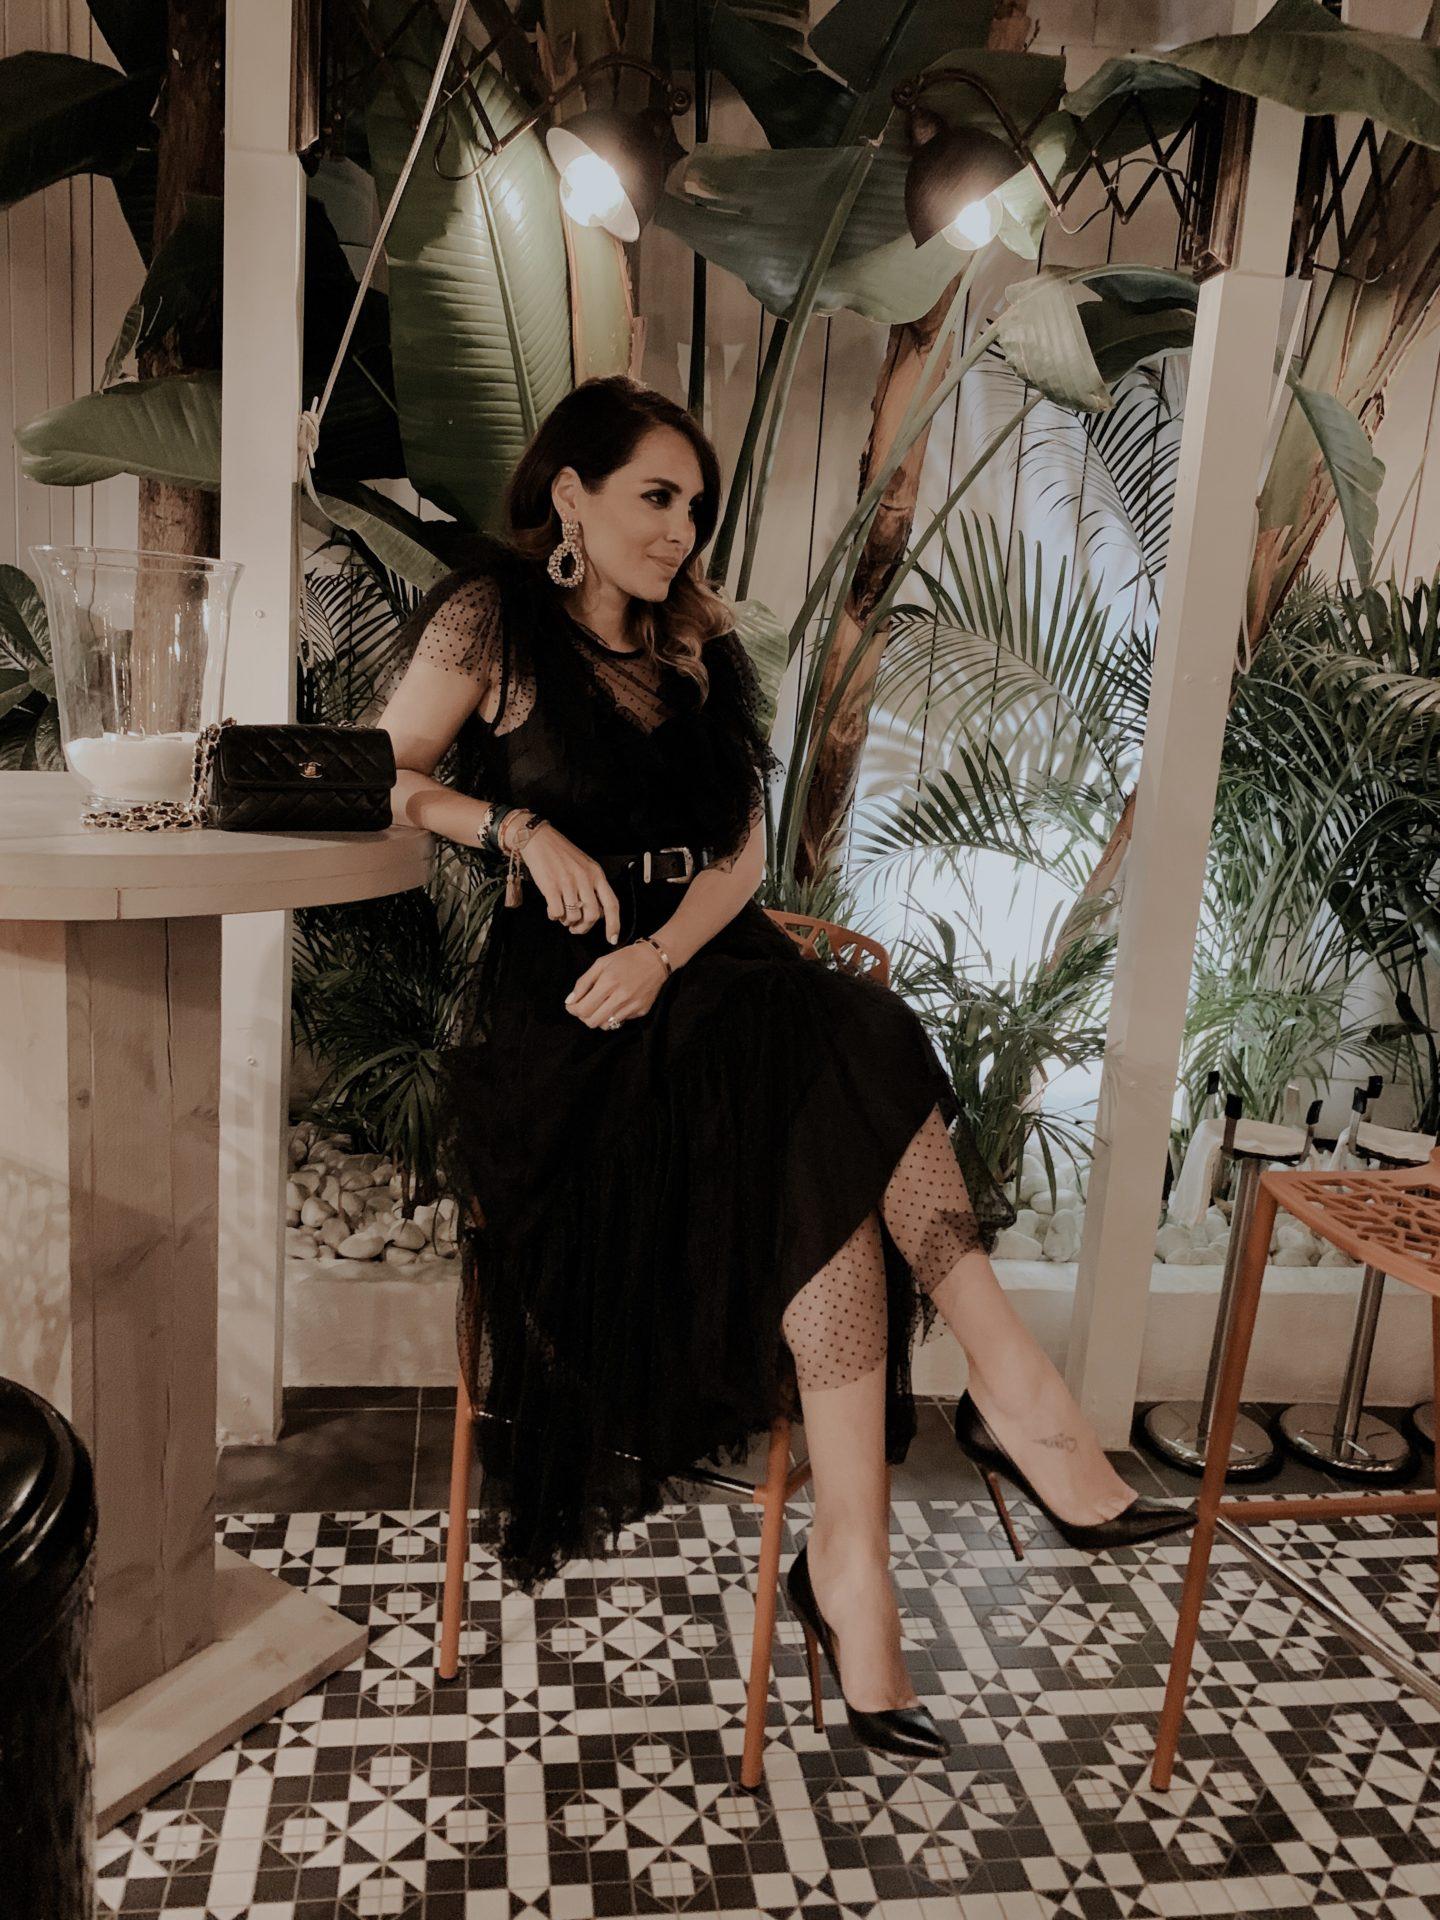 guapa y con estilo shop vestido negro